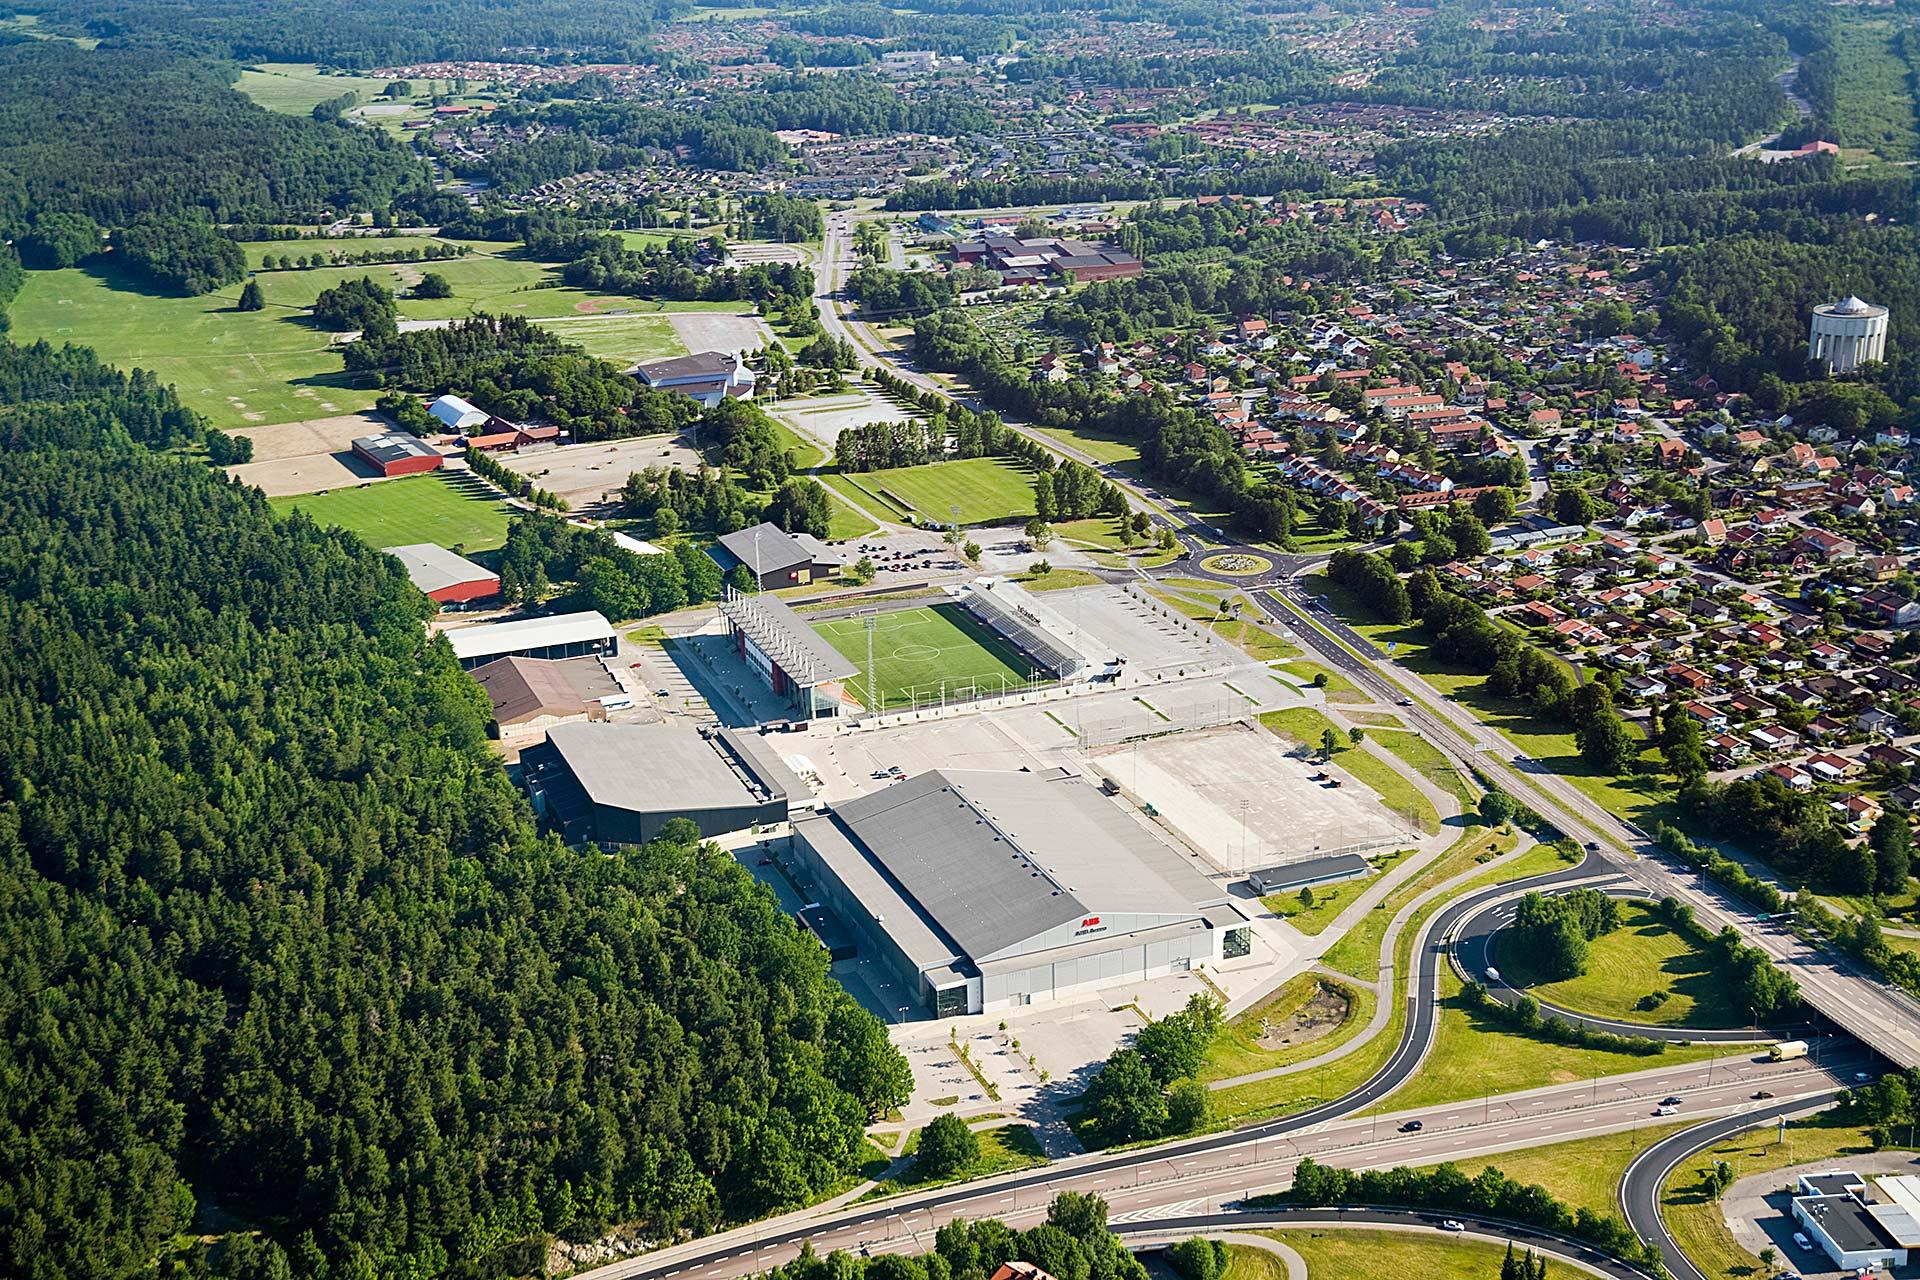 Flygbild över Rocklunda evenemangsområde i Västerås. Fotograf: Lennart Hyse